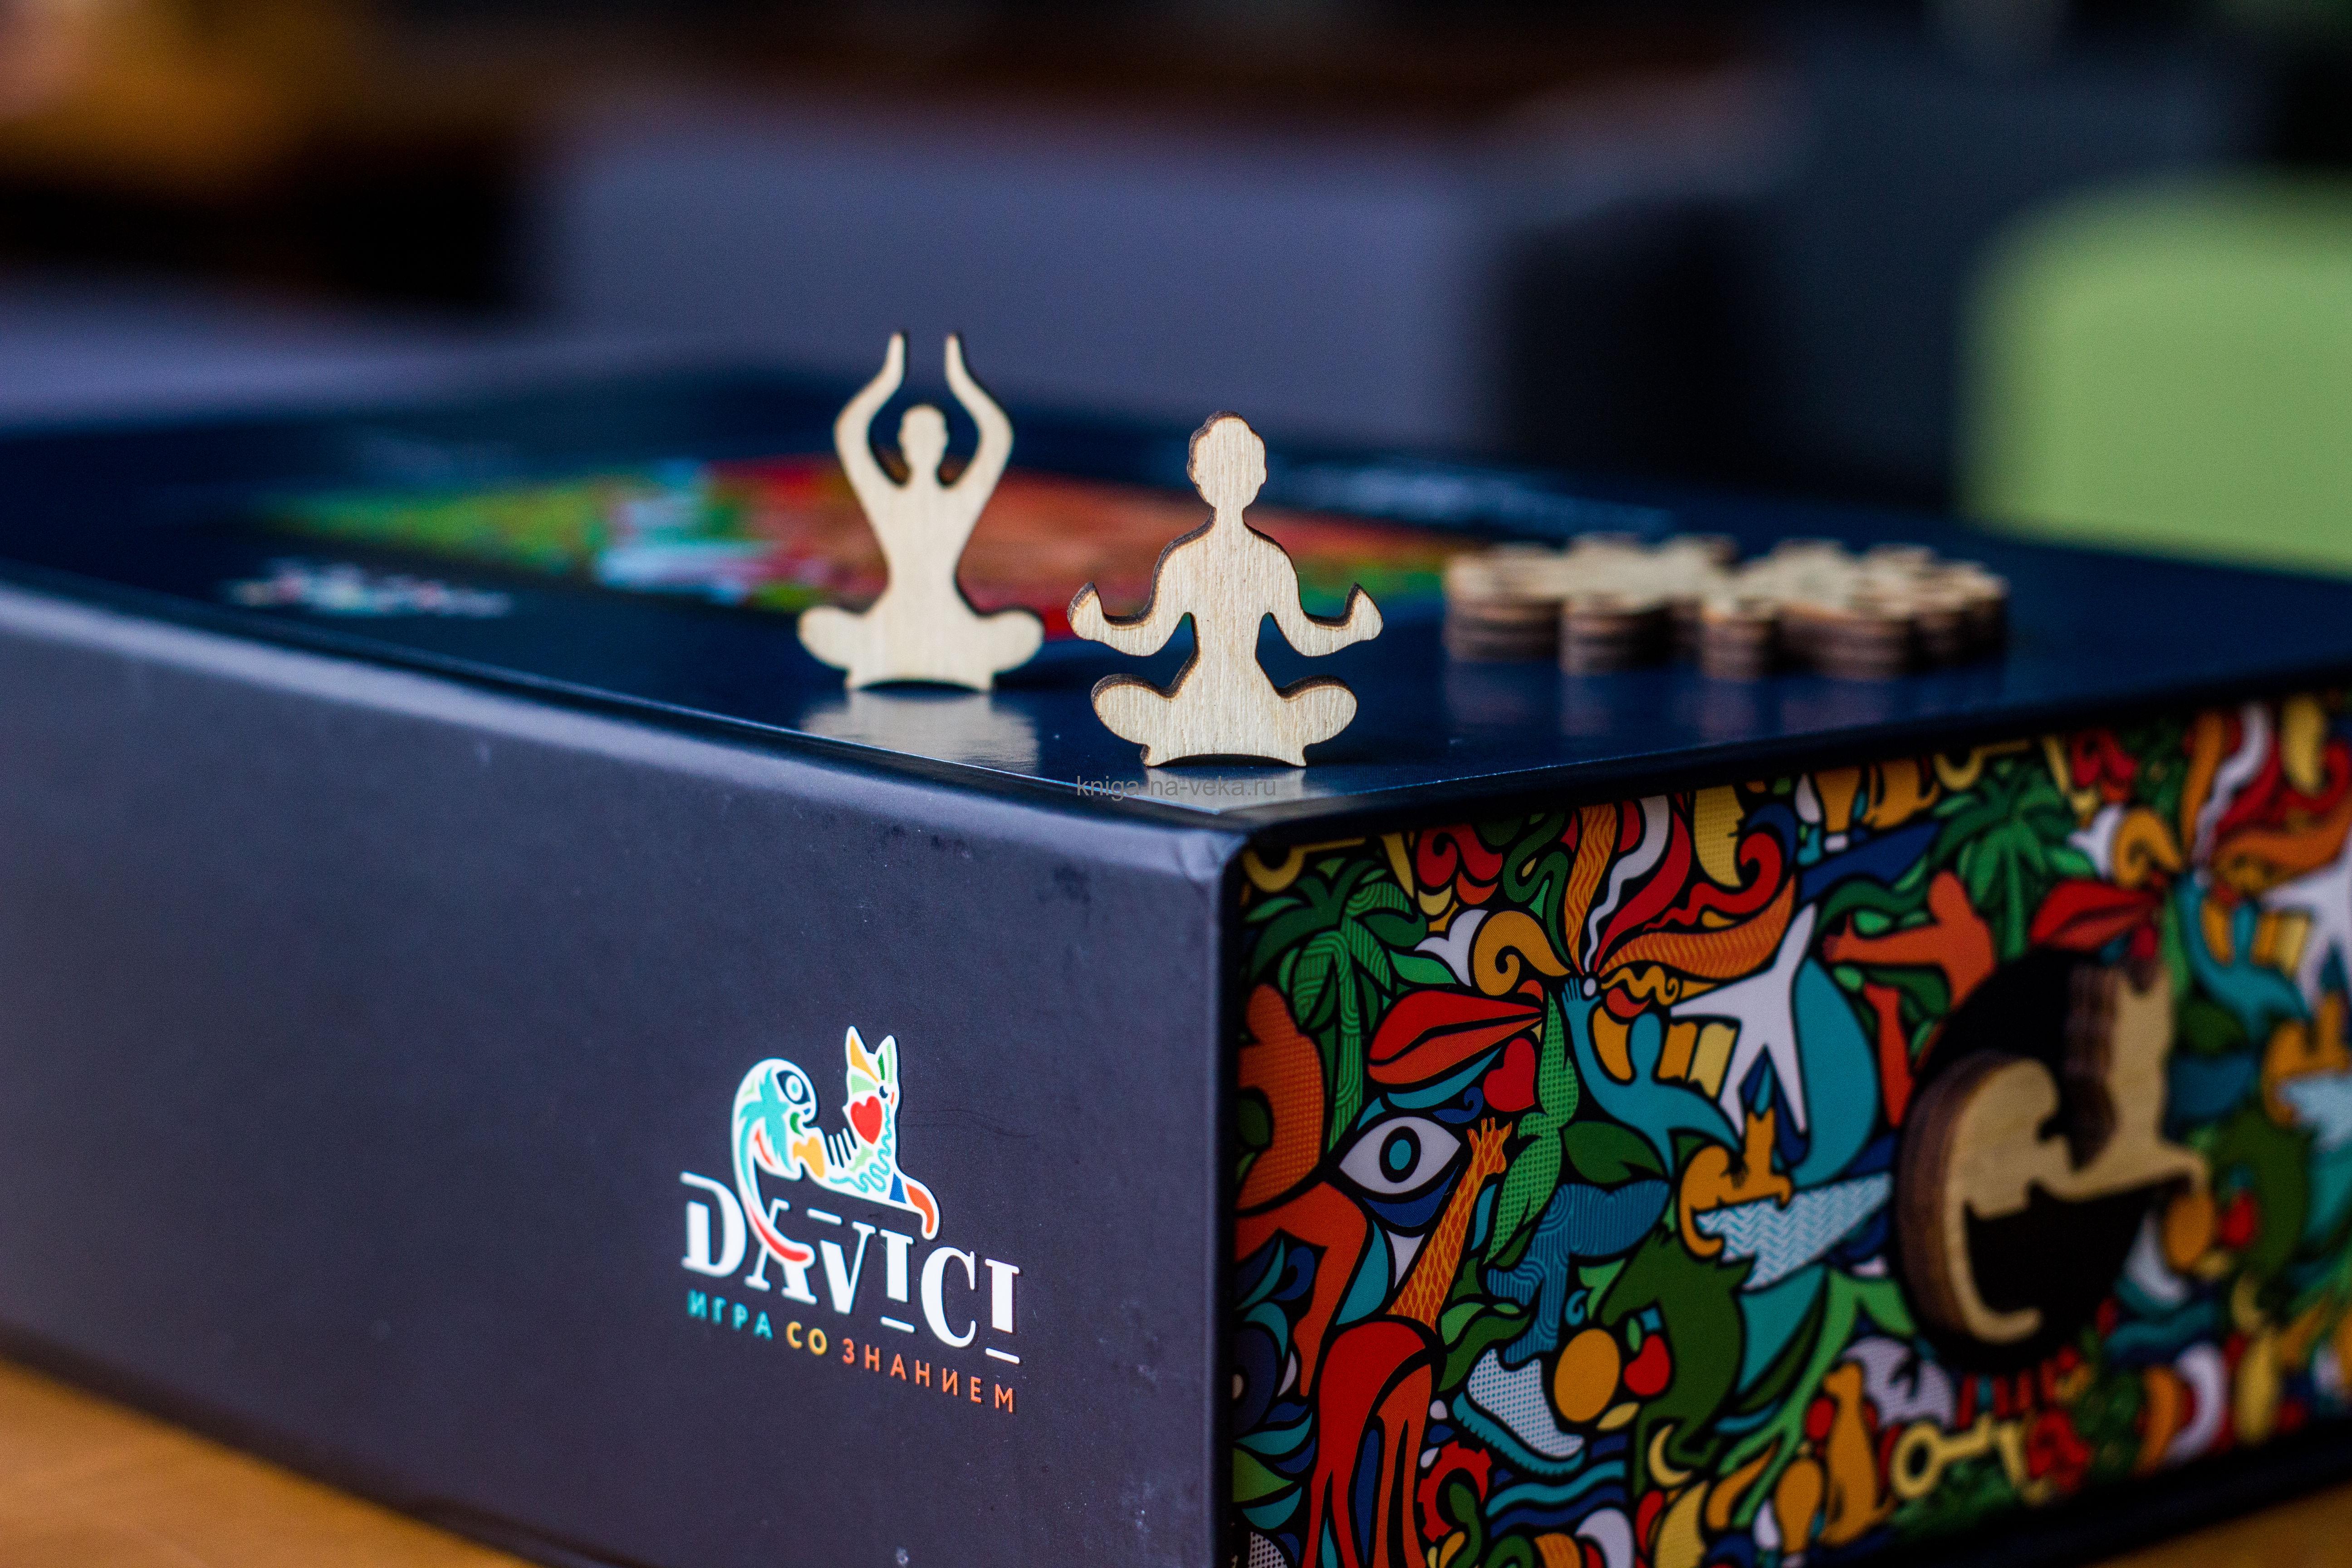 Деревянные пазлы DaVici. Вторая коллекция. Послание.